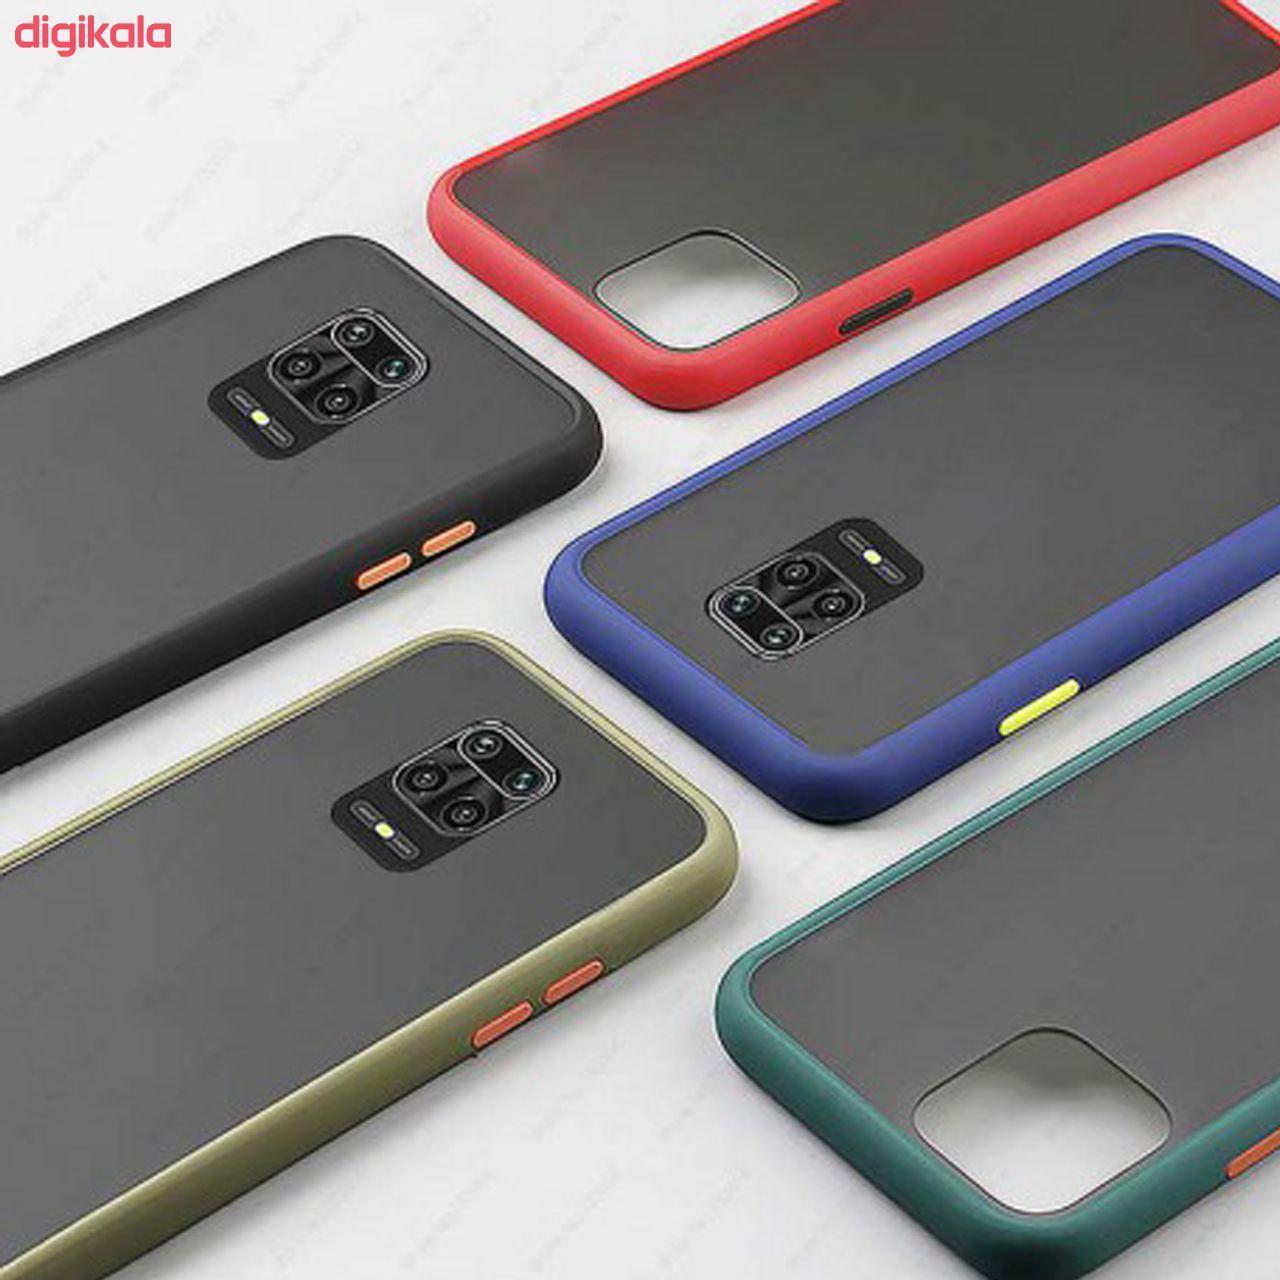 کاور کینگ پاور مدل M22 مناسب برای گوشی موبایل شیائومی Redmi Note 9S / Note 9 Pro / Note 9 Pro Max main 1 11